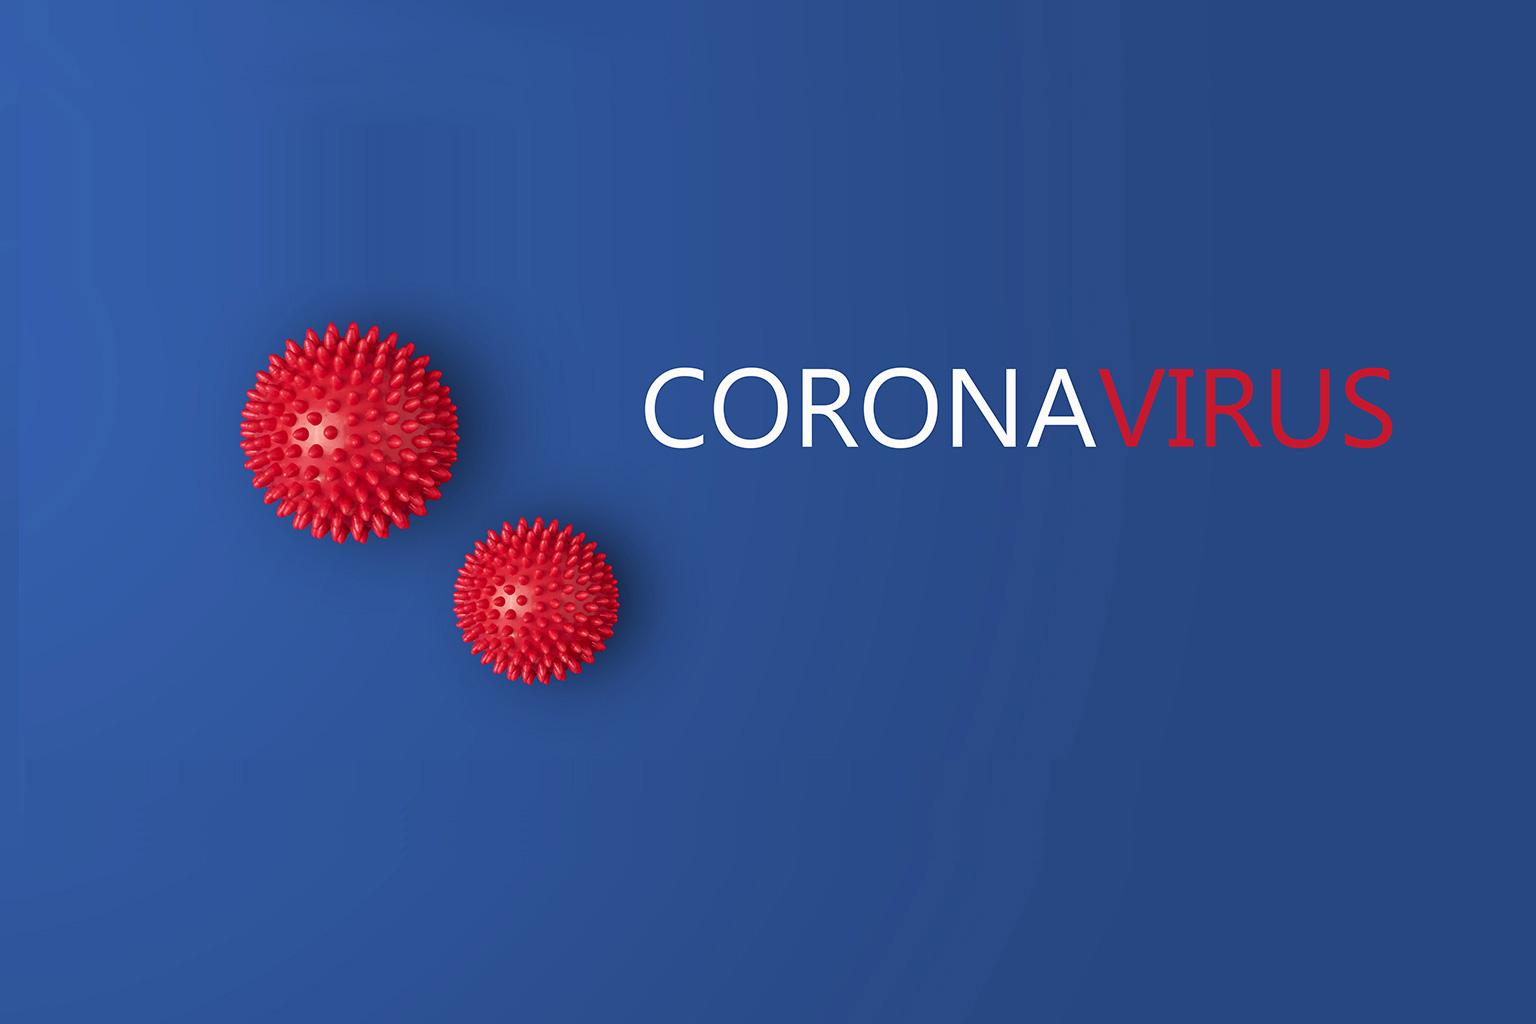 Eurisko COVID-19 interventi tecnici ed installazioni in sicurezza, il nostro impegno continua